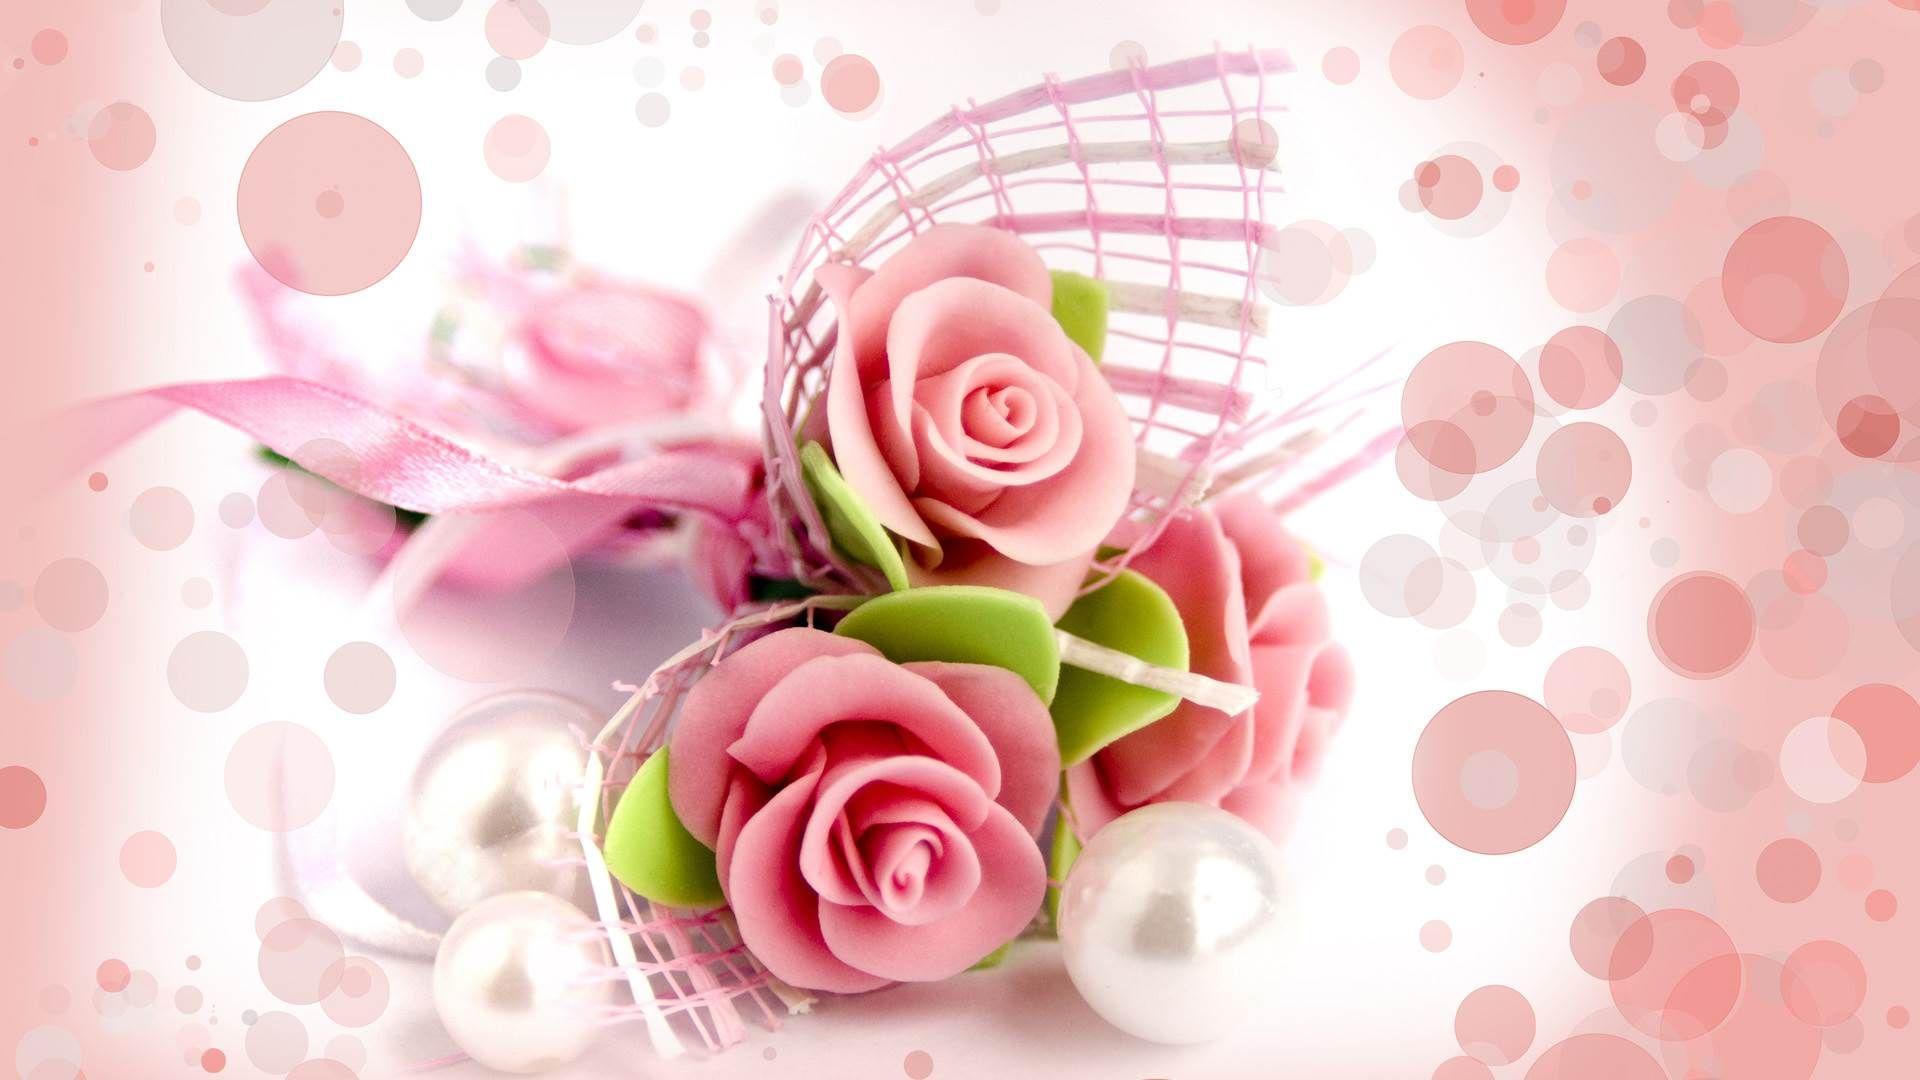 Roses wallpaper HD Wallpaper Downloads 1920—1080 Roses